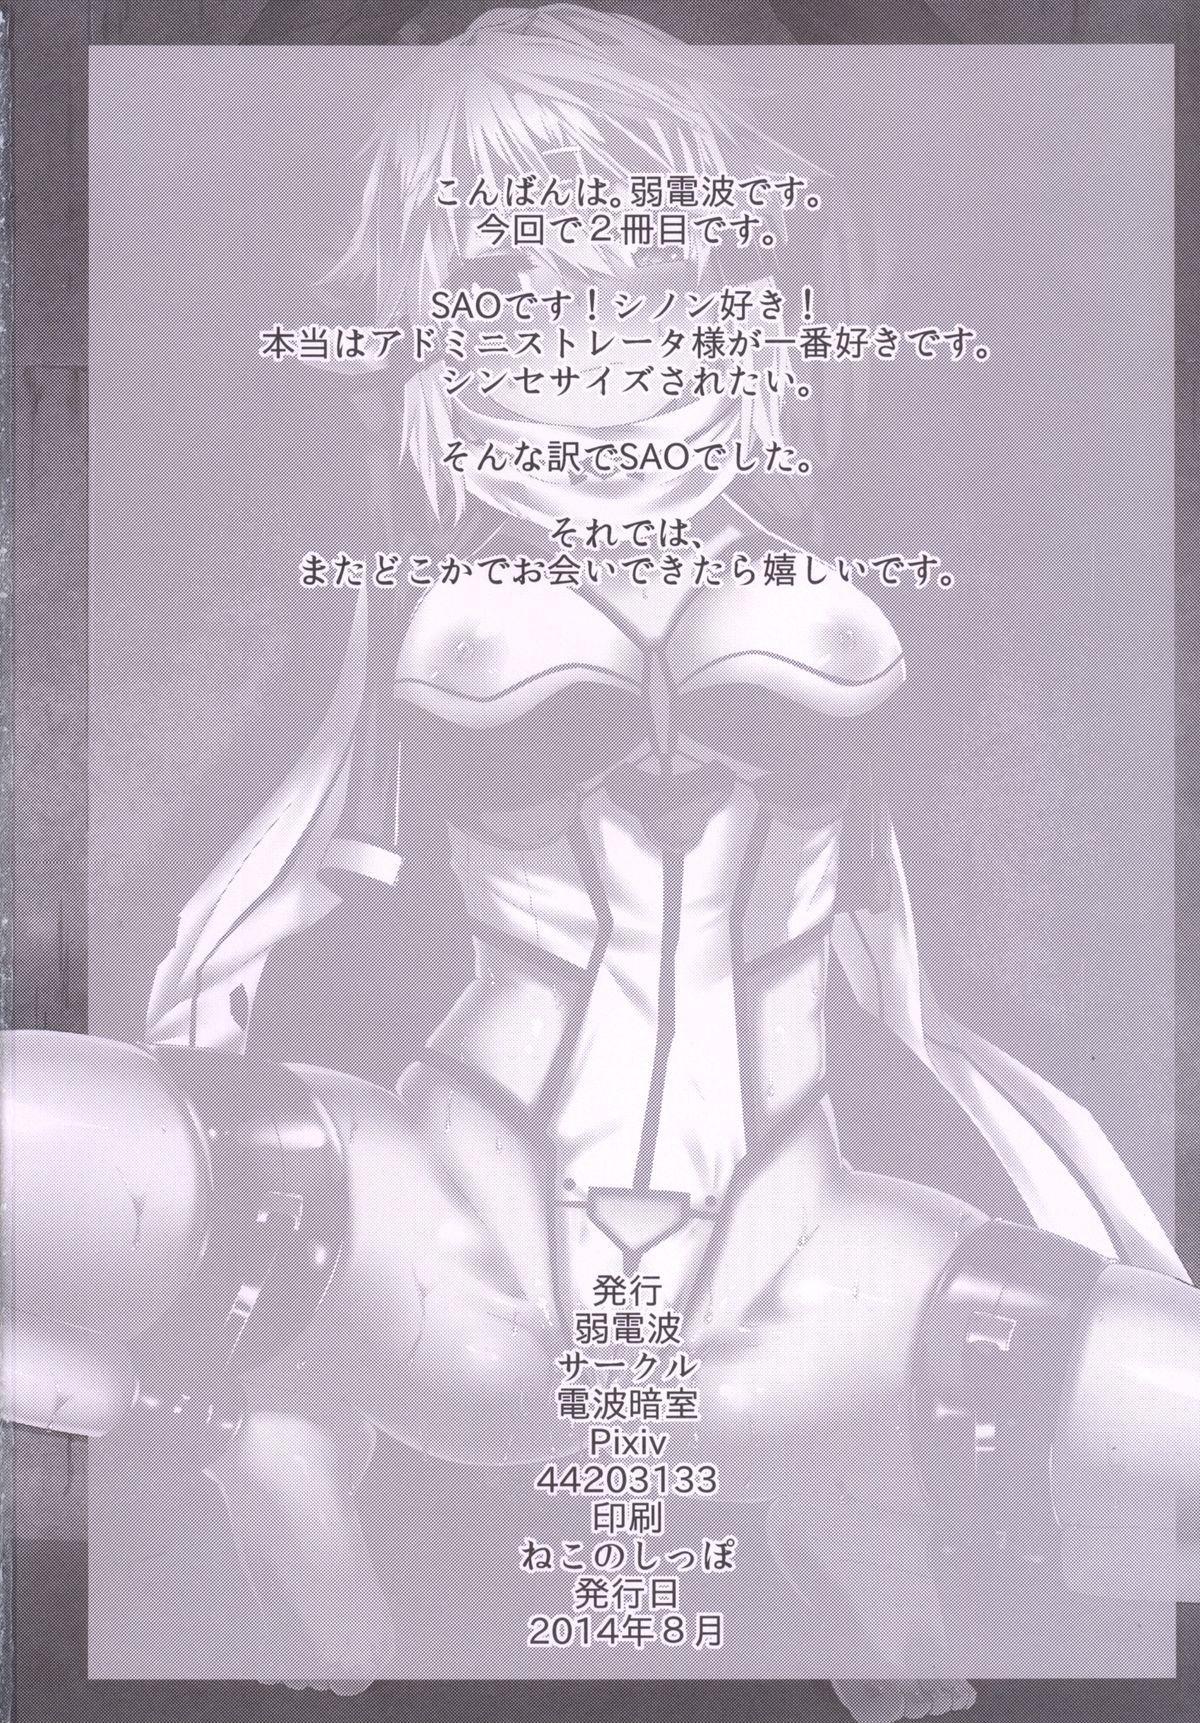 [Denpa Anshitsu (Jaku Denpa)] Asada-san ASADA-SAN (Sword Art Online) [Digital] 24